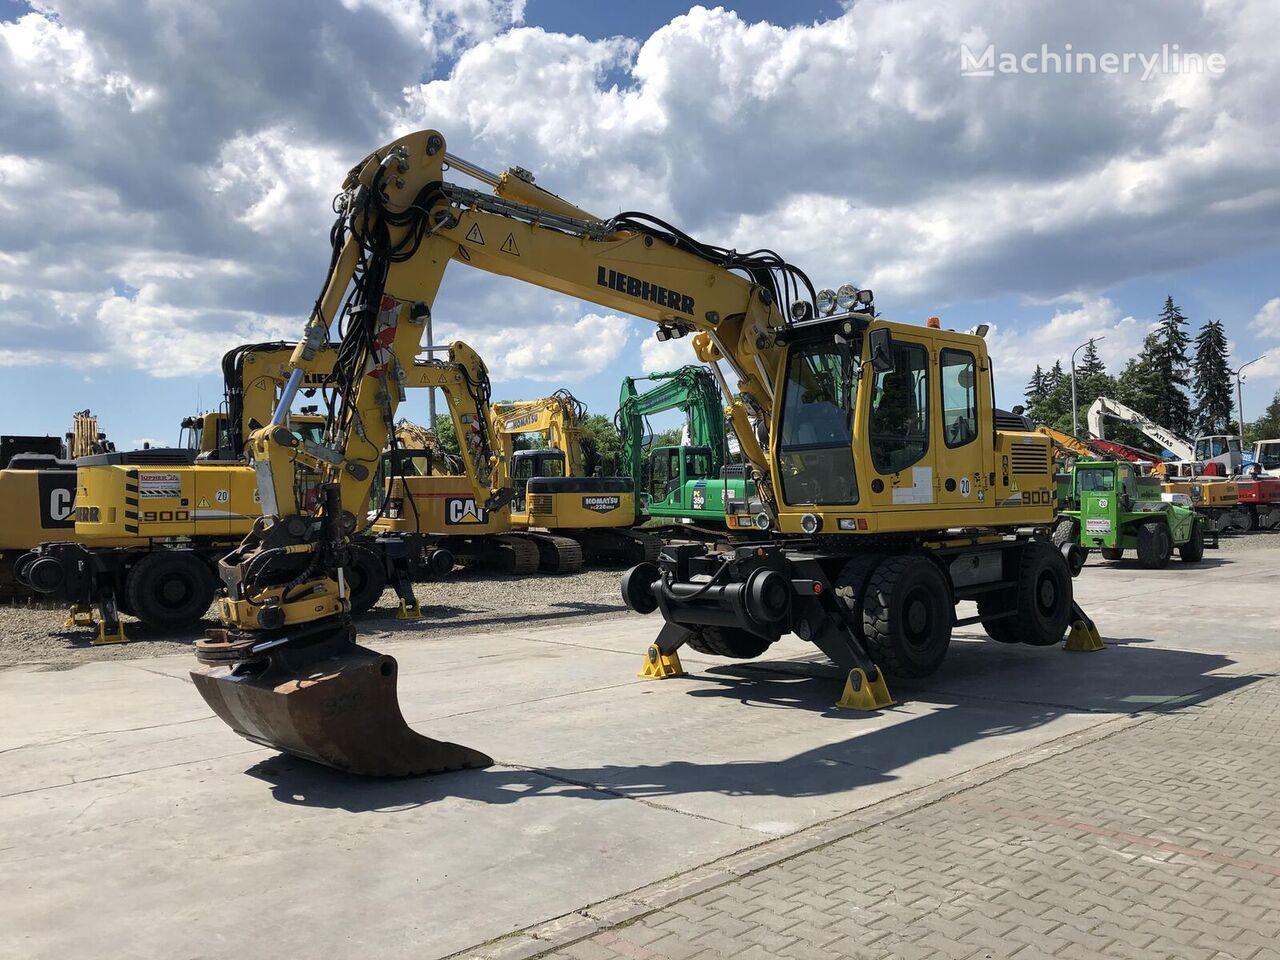 LIEBHERR A900C ZW wheel excavator